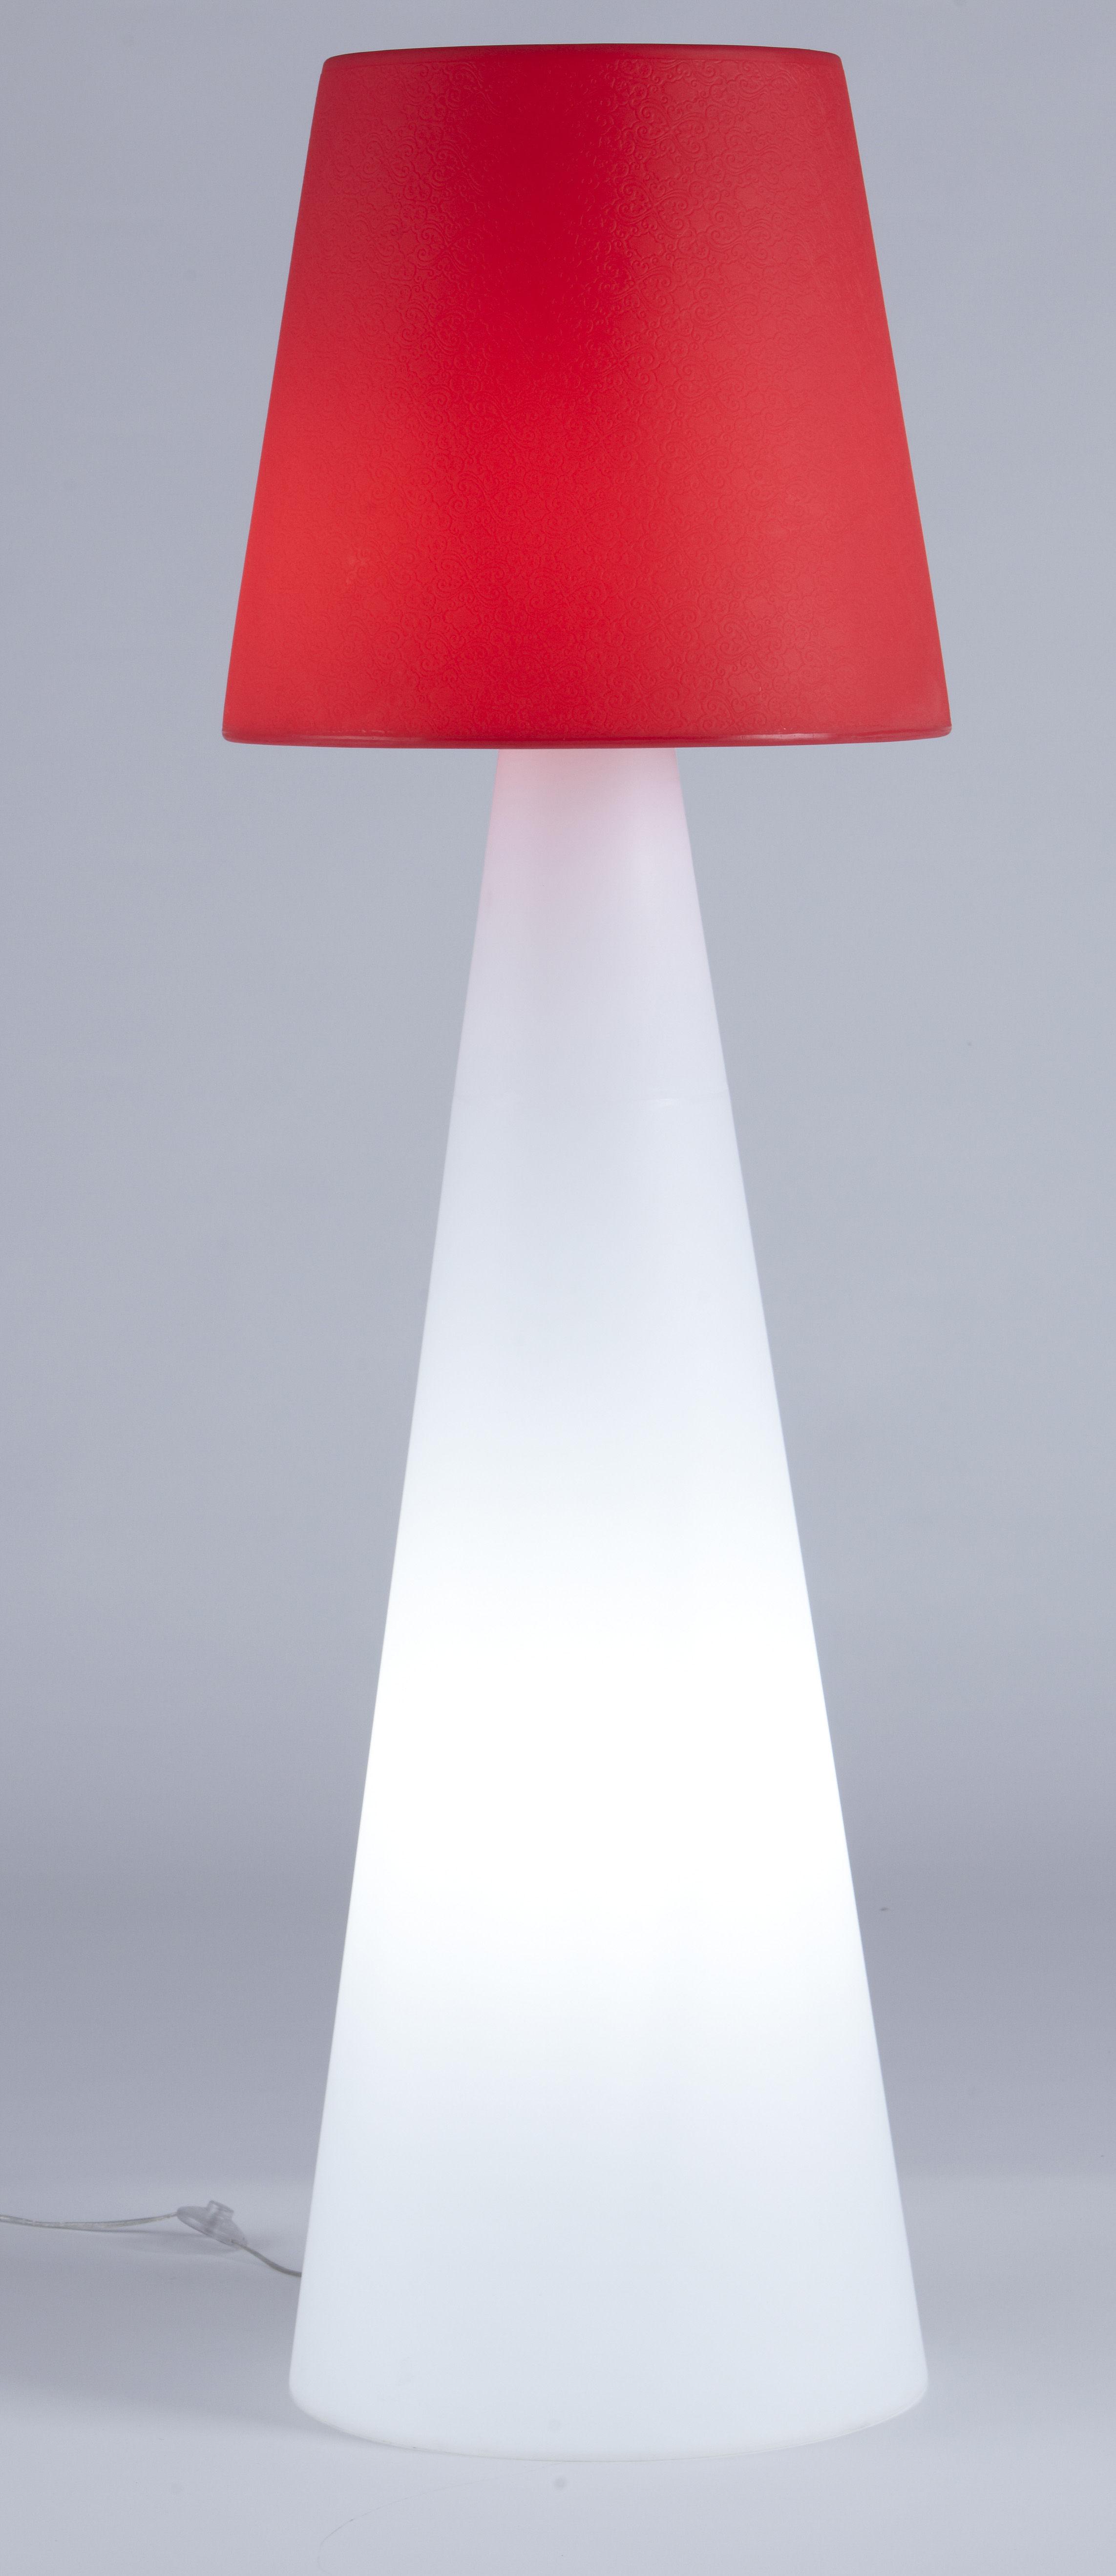 Pivot Stehleuchte Rot / Ständer weiß by Slide | Made In Design